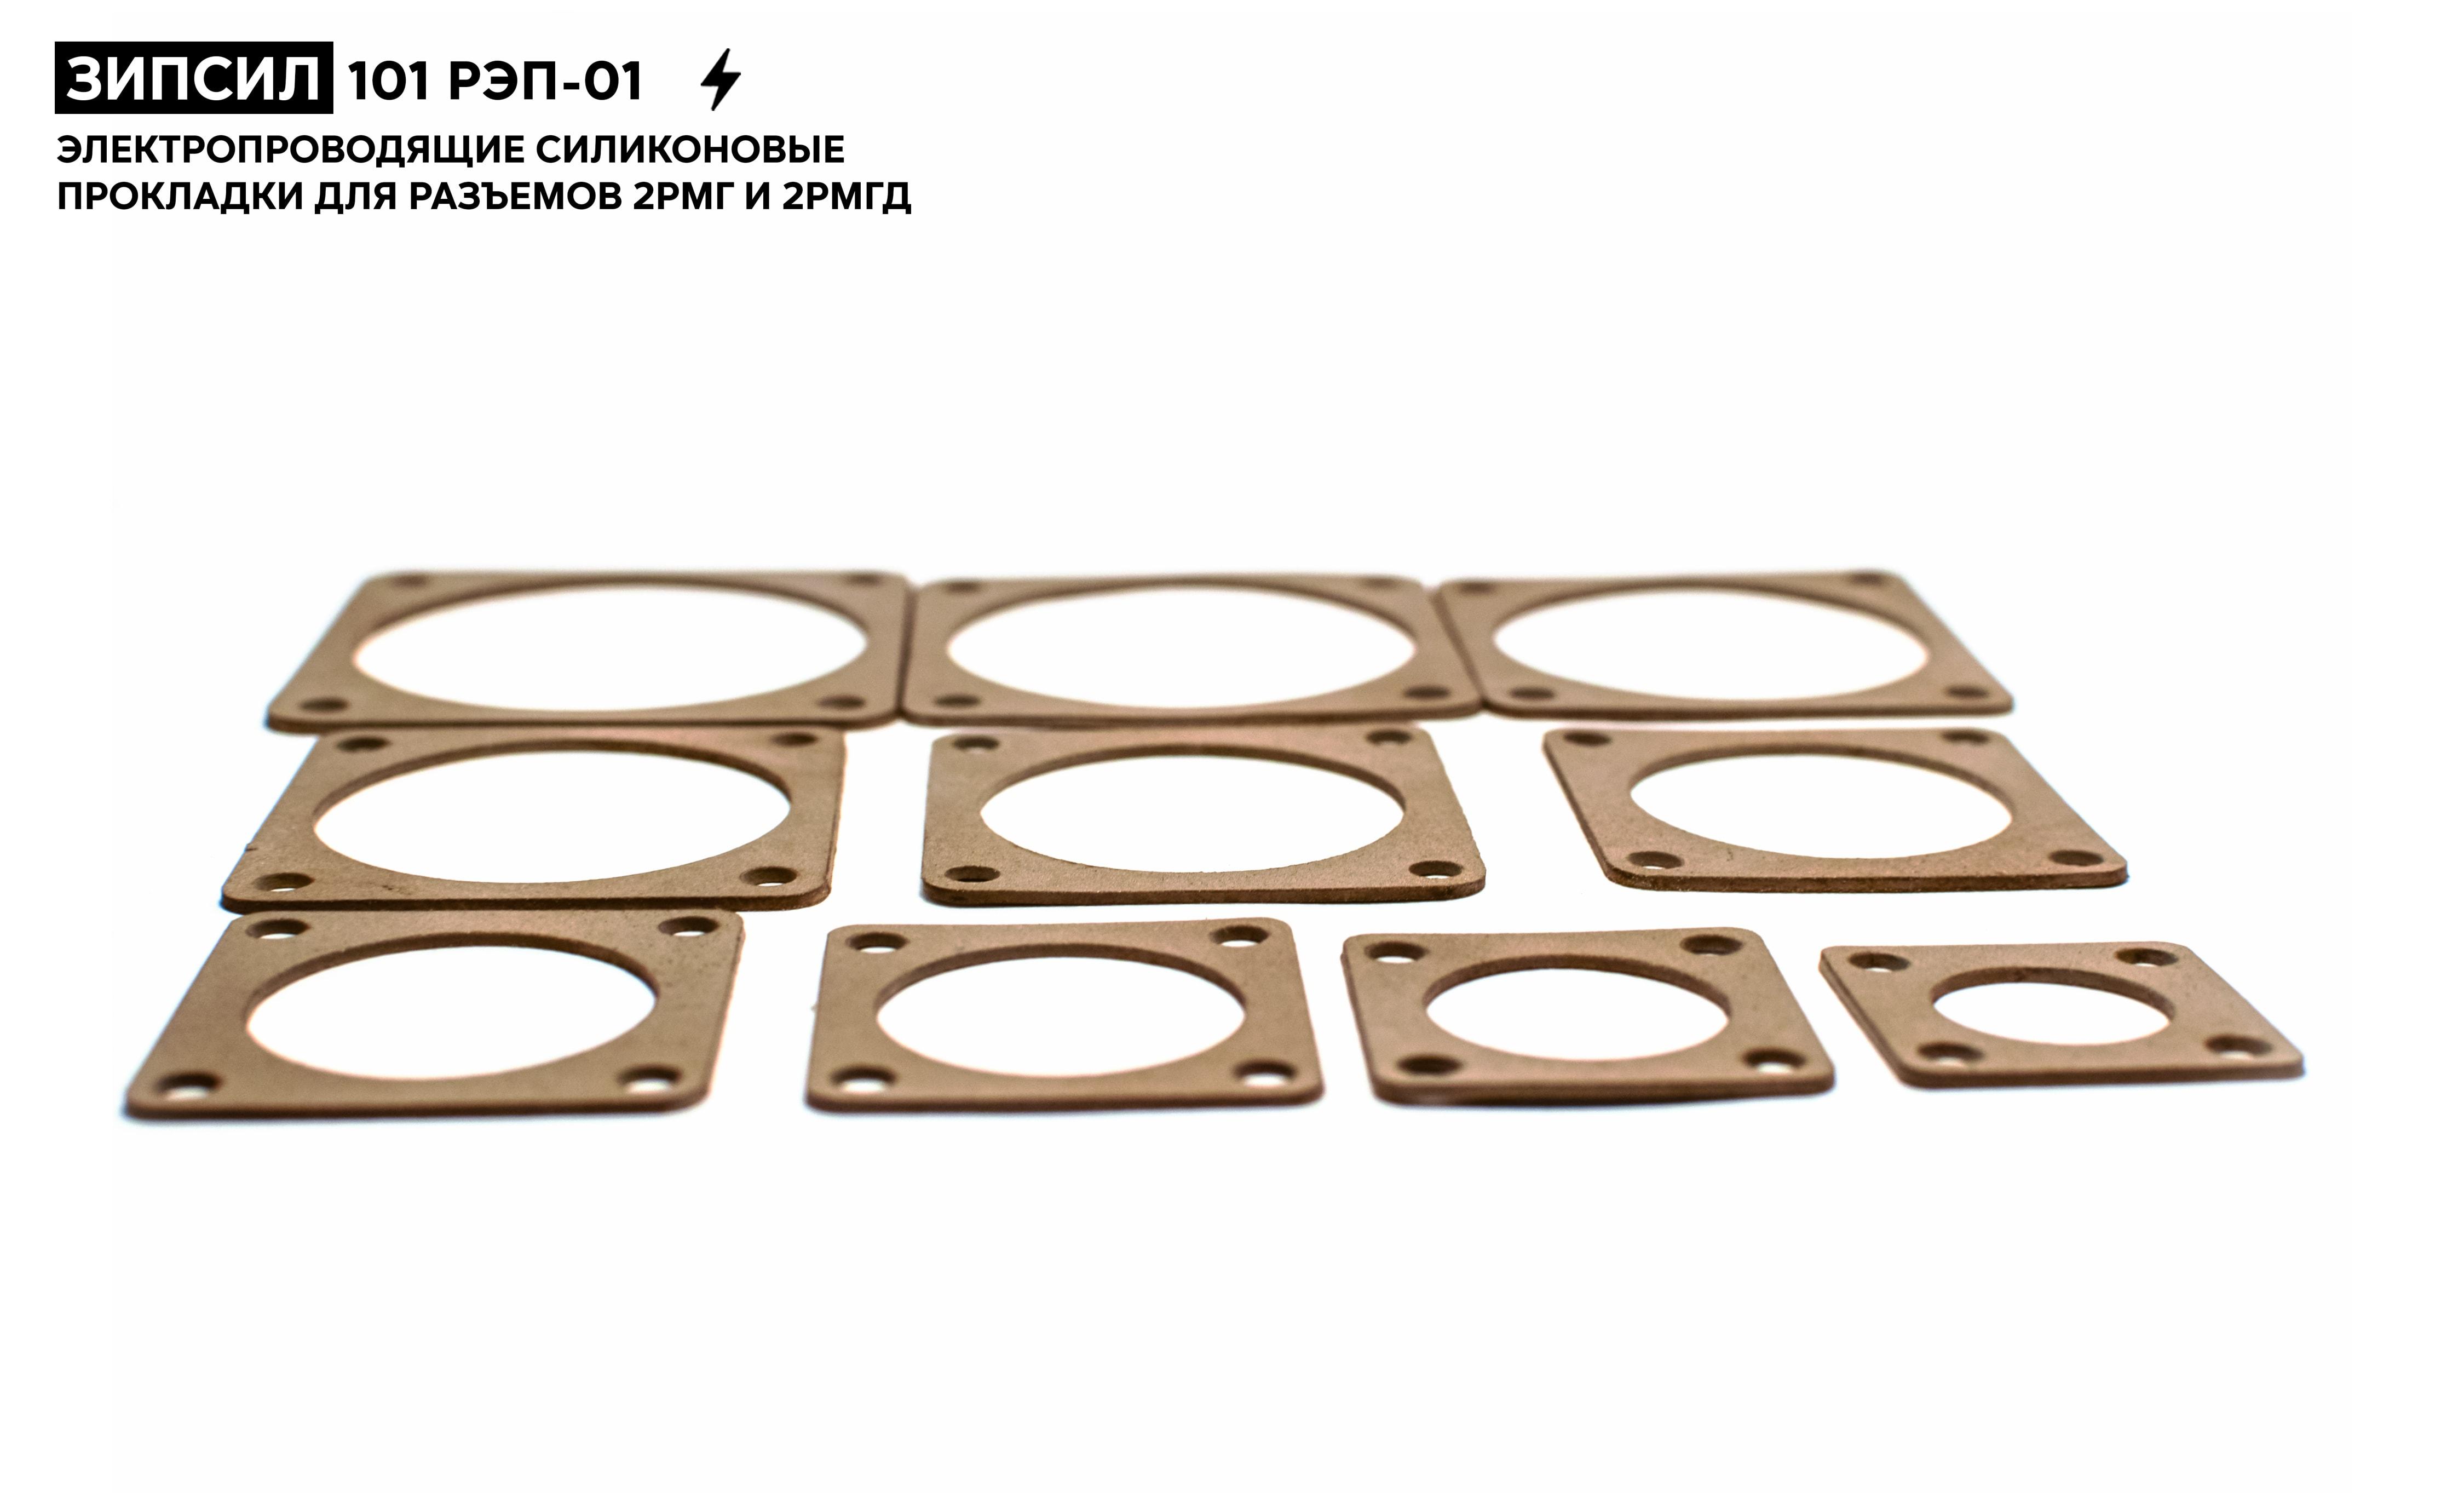 Серийные электропроводящие силиконовые уплотнительные прокладки ЗИПСИЛ 101 РЭП-01 для уплотнения фланцев герметичных разъемов типа 2РМГ и 2РМГД.